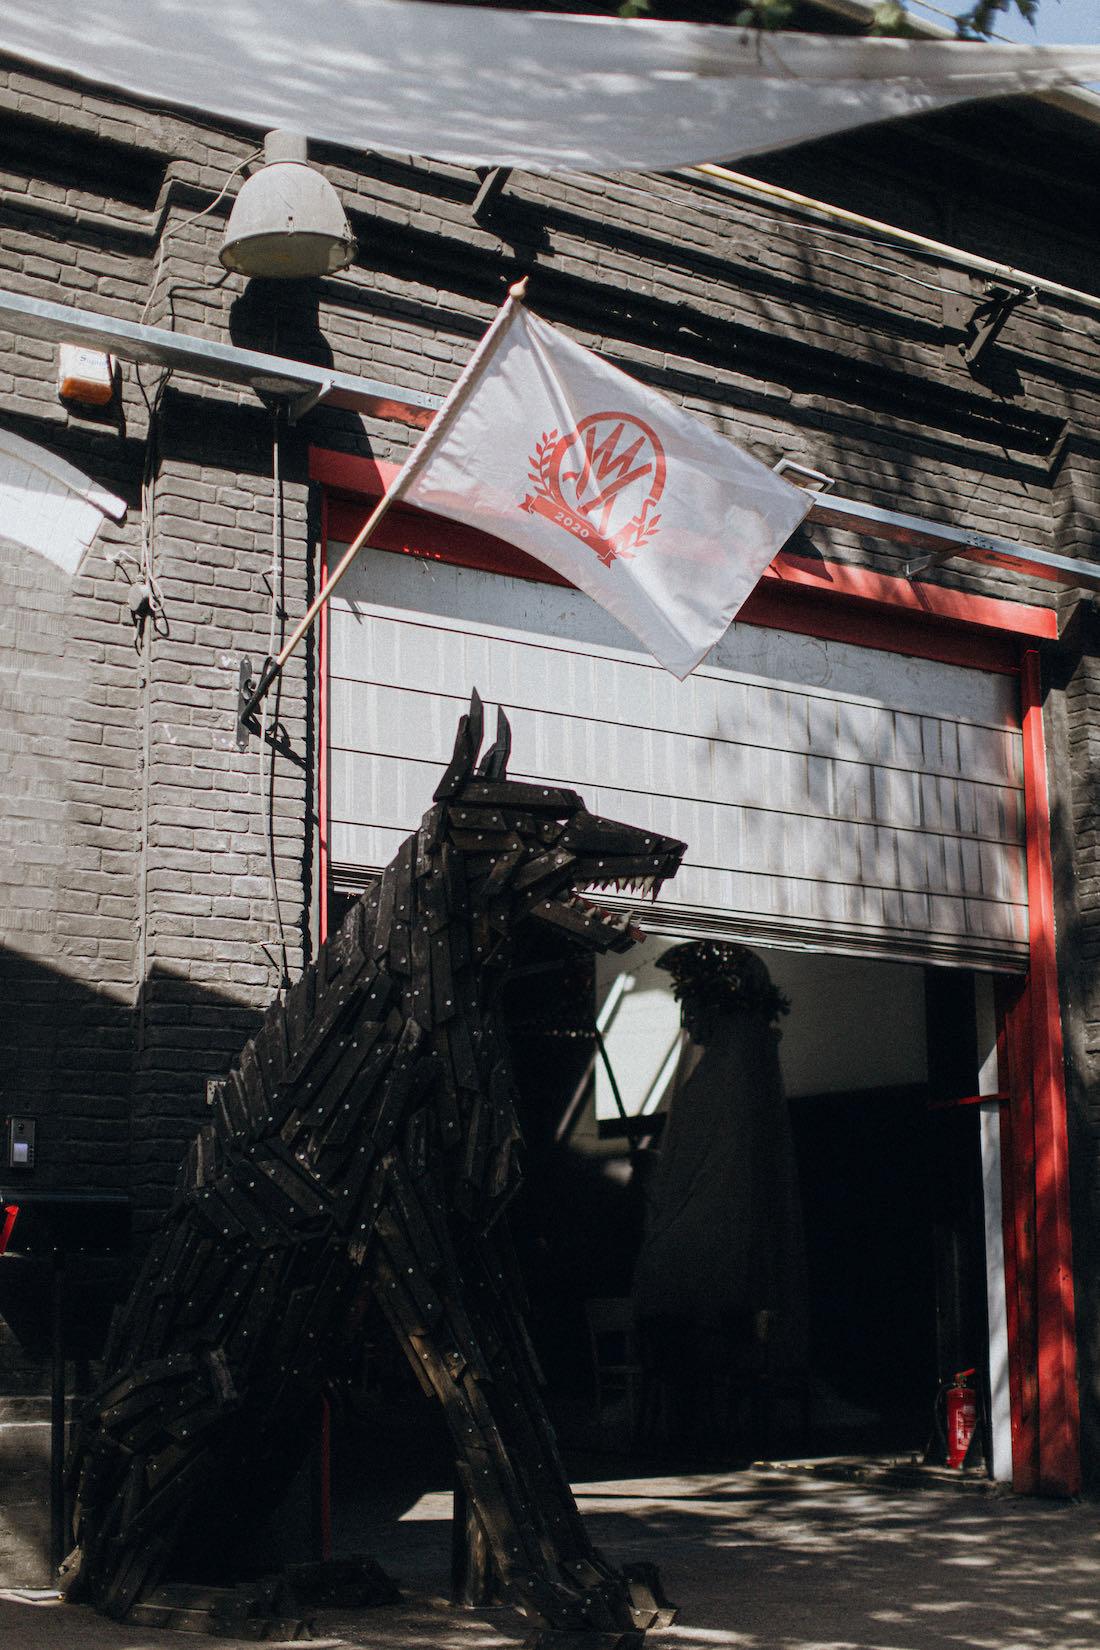 Szőke Gábor Miklós stúdiójának bejáratát Dante őrei figyelnek